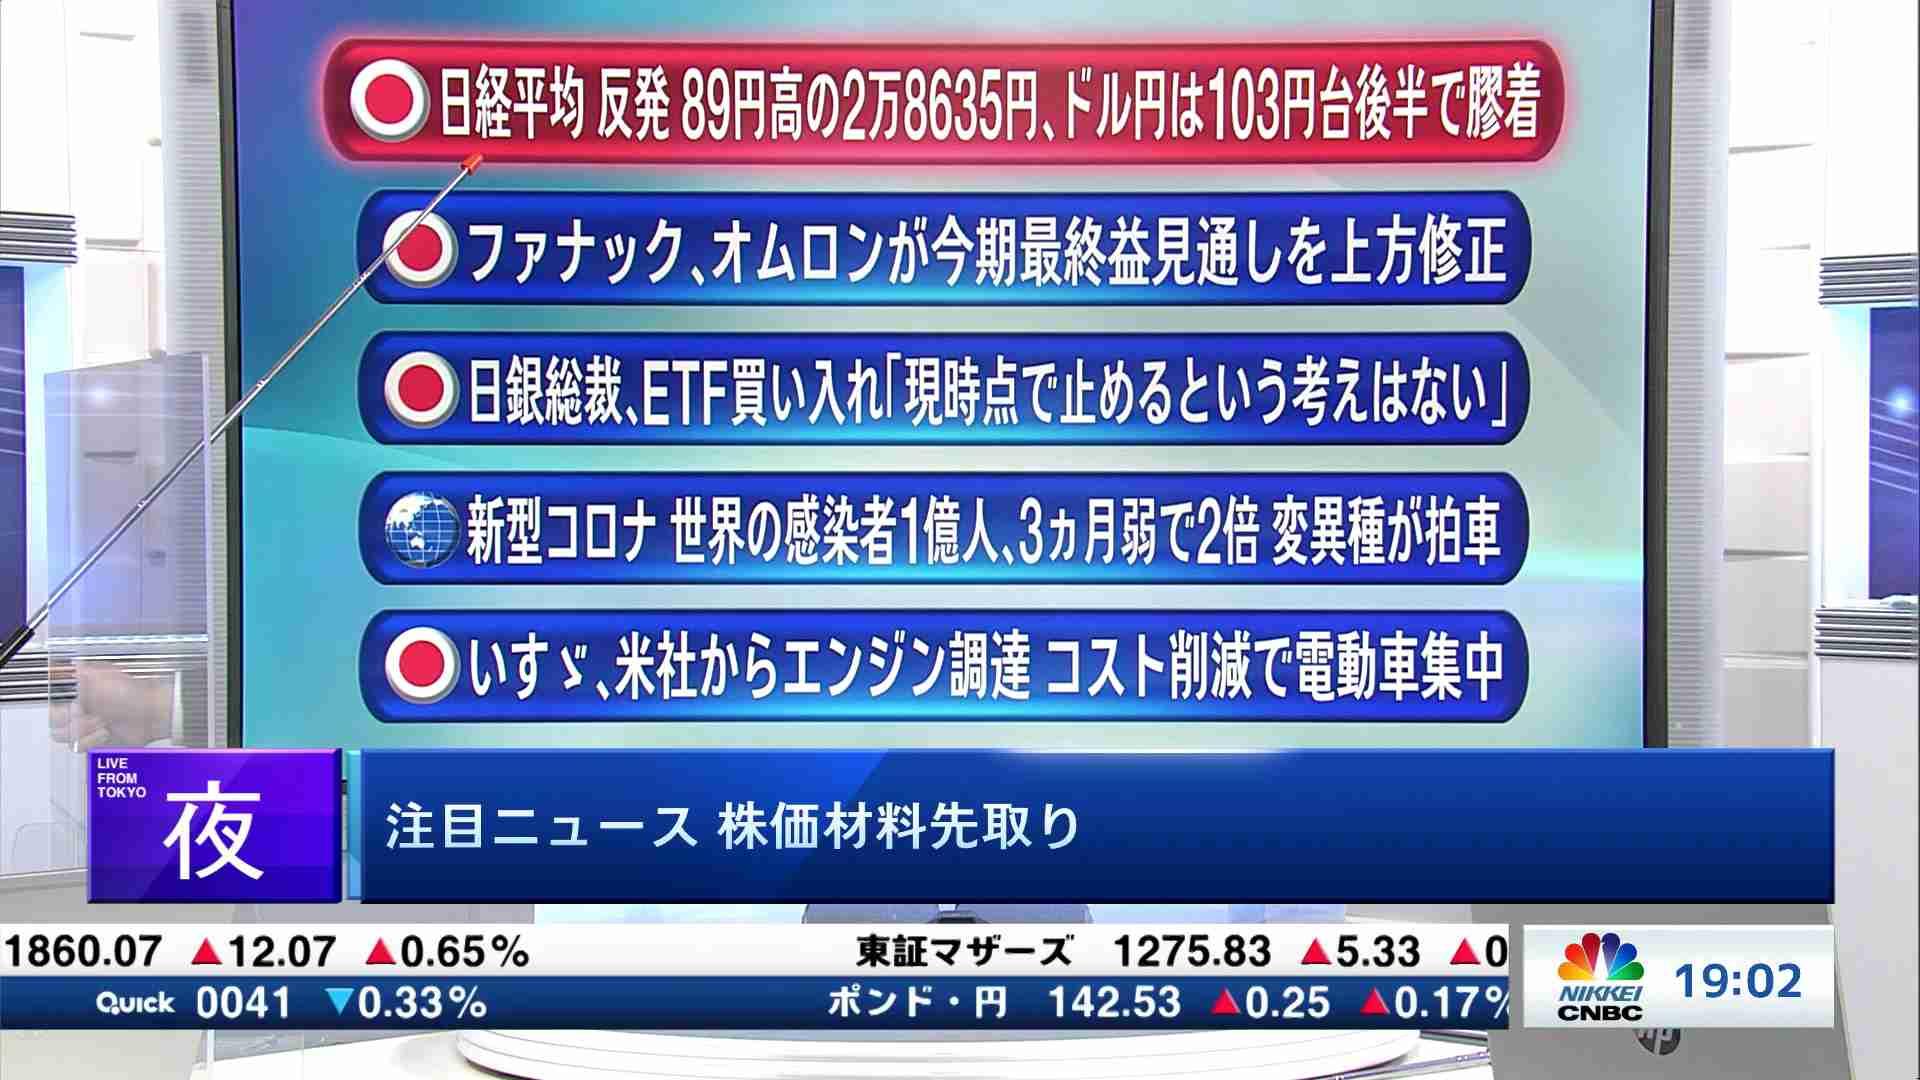 株価 サイエンス 野村 マイクロ